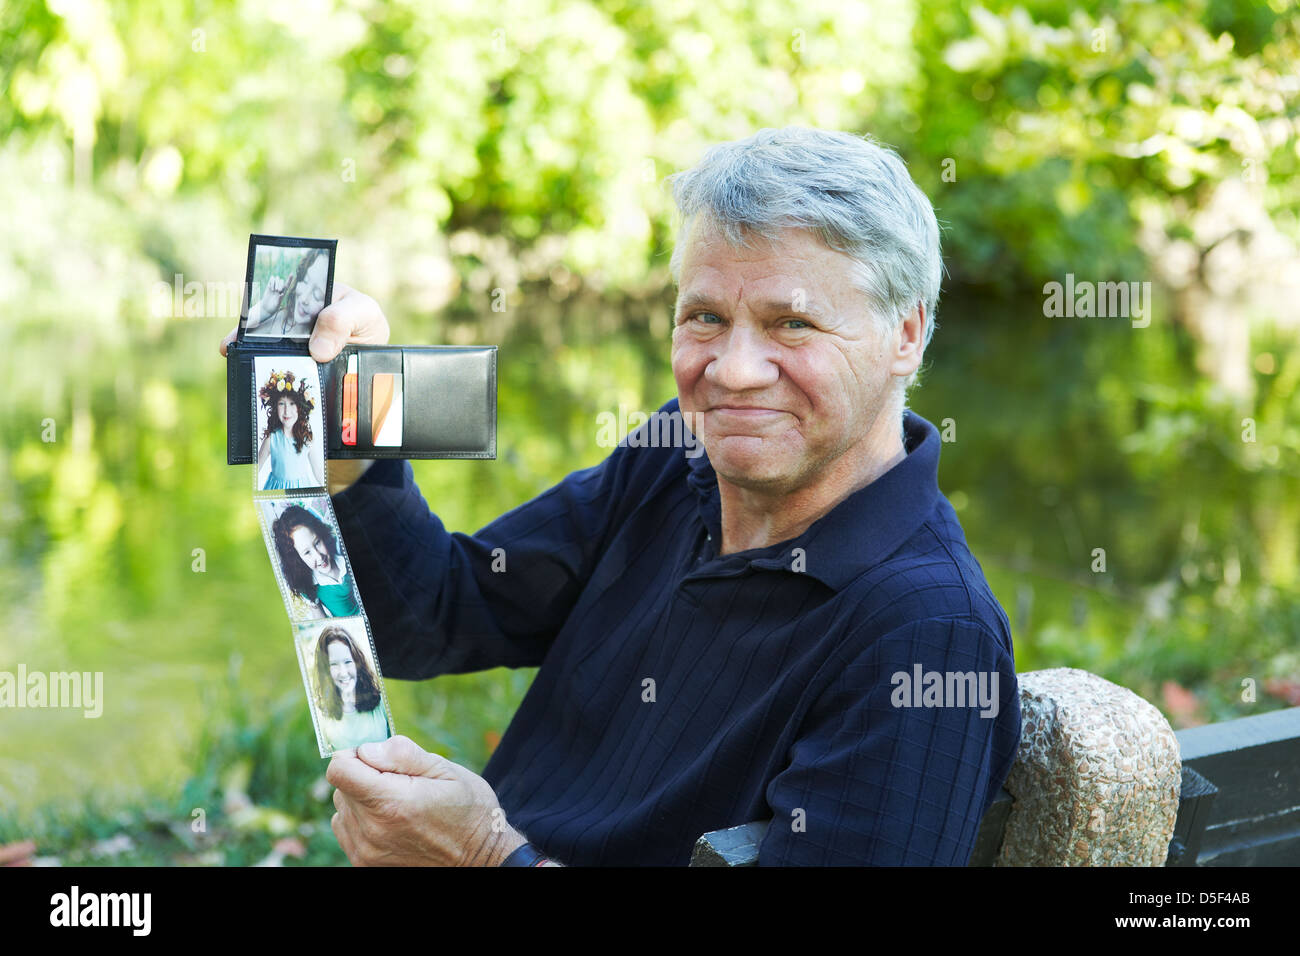 Grand-père montrant des photos de sa petite-fille Photo Stock